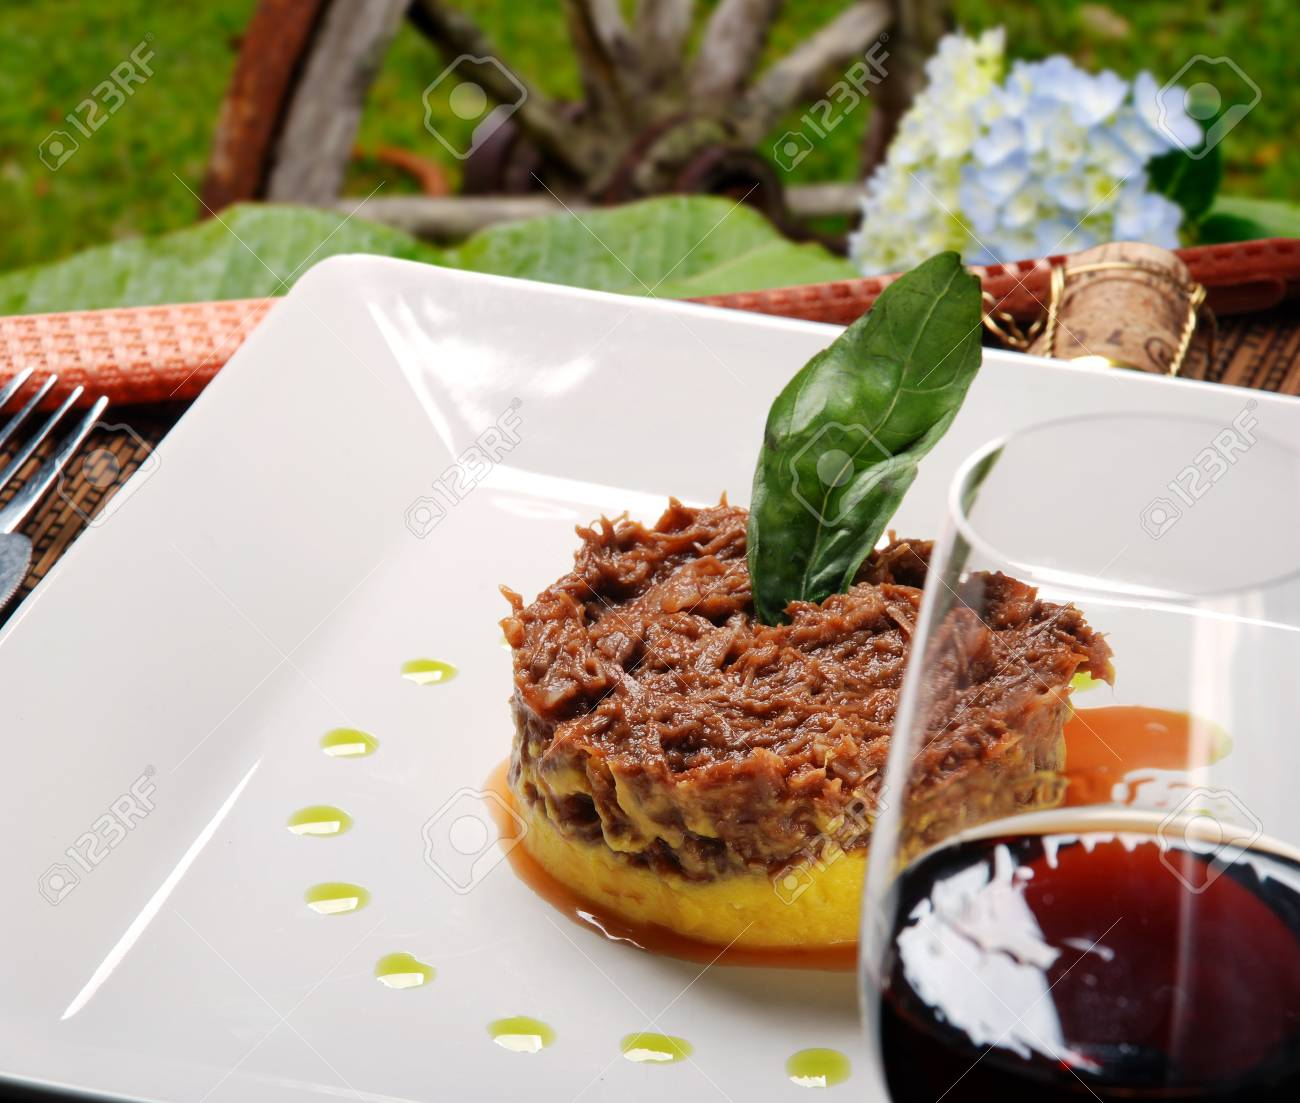 Gehobene Küche | Gehobene Kuche Lizenzfreie Fotos Bilder Und Stock Fotografie Image